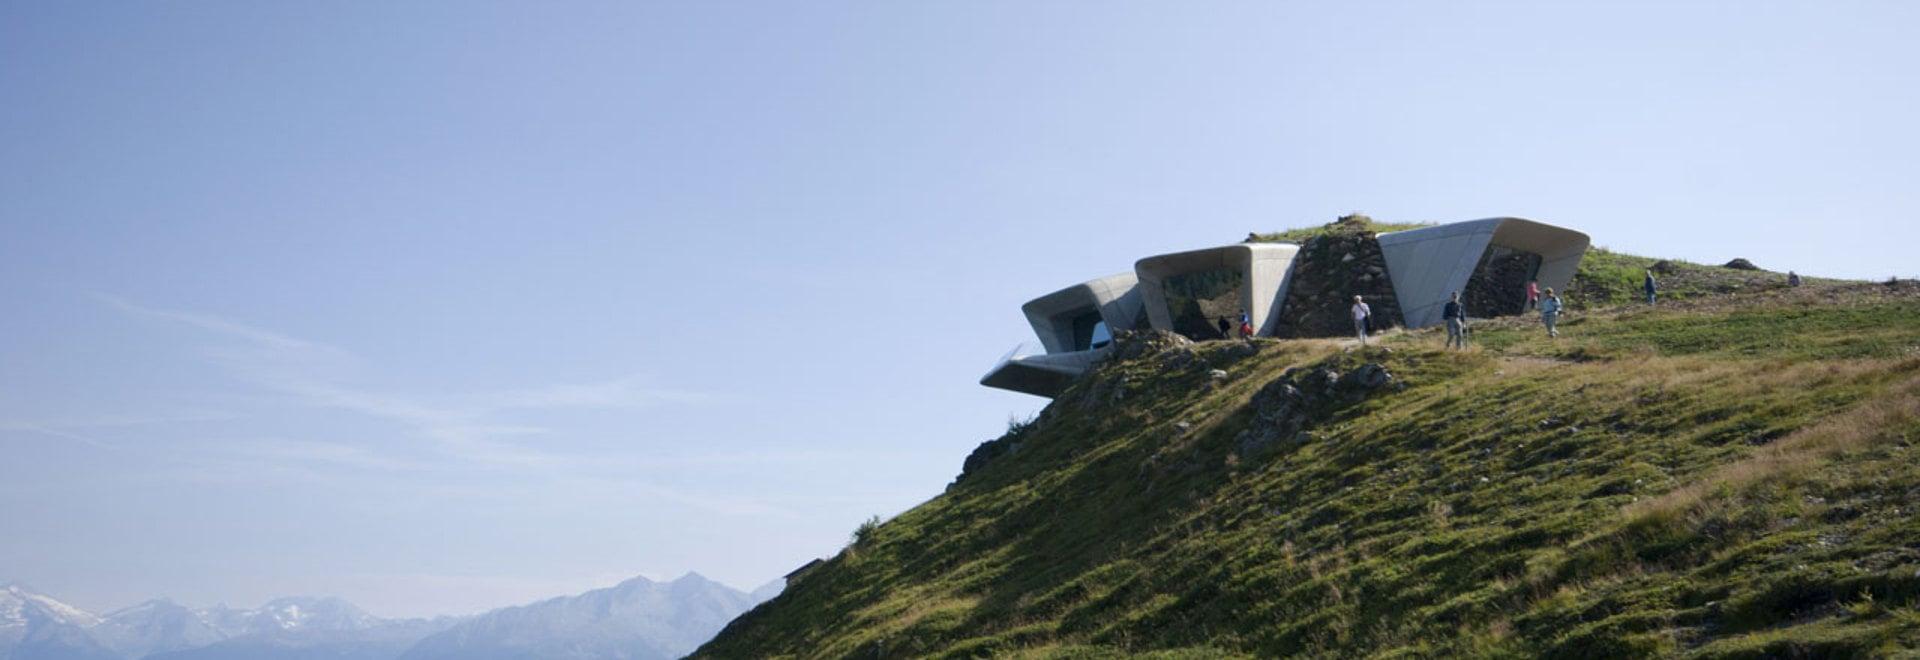 Architectes de Zaha Hadid, musée Corones, Tyrol du sud, Italie de montagne de Messner. © inexhibit.com de photo